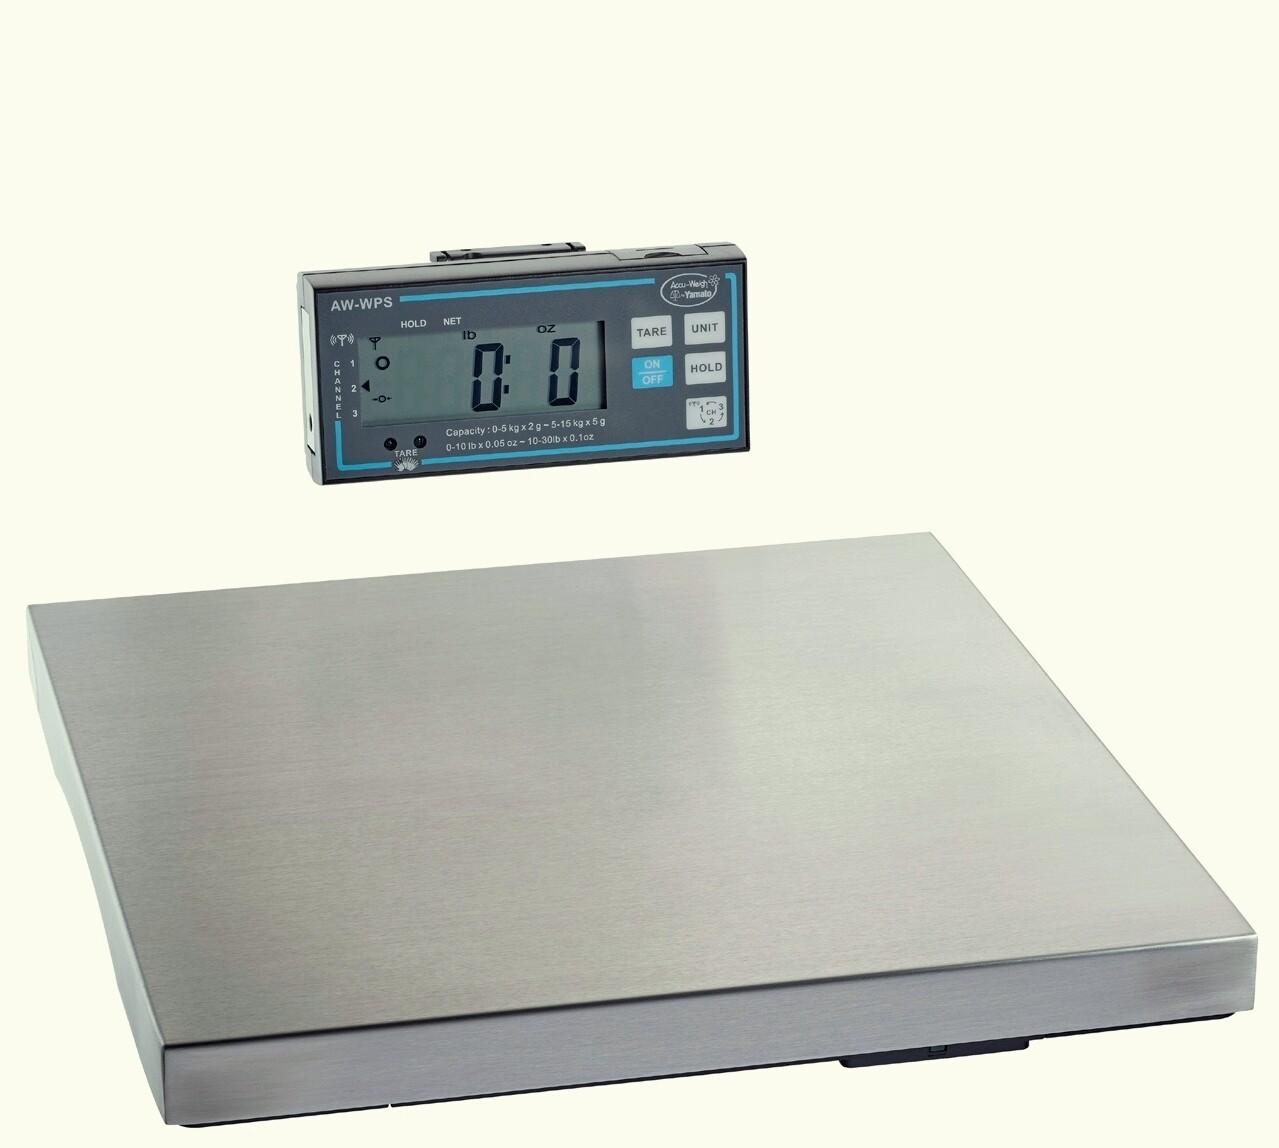 Yamato® AW-WPS Wireless Platform Scale   (30 lb. x 1/8 oz.) ONLY $319!